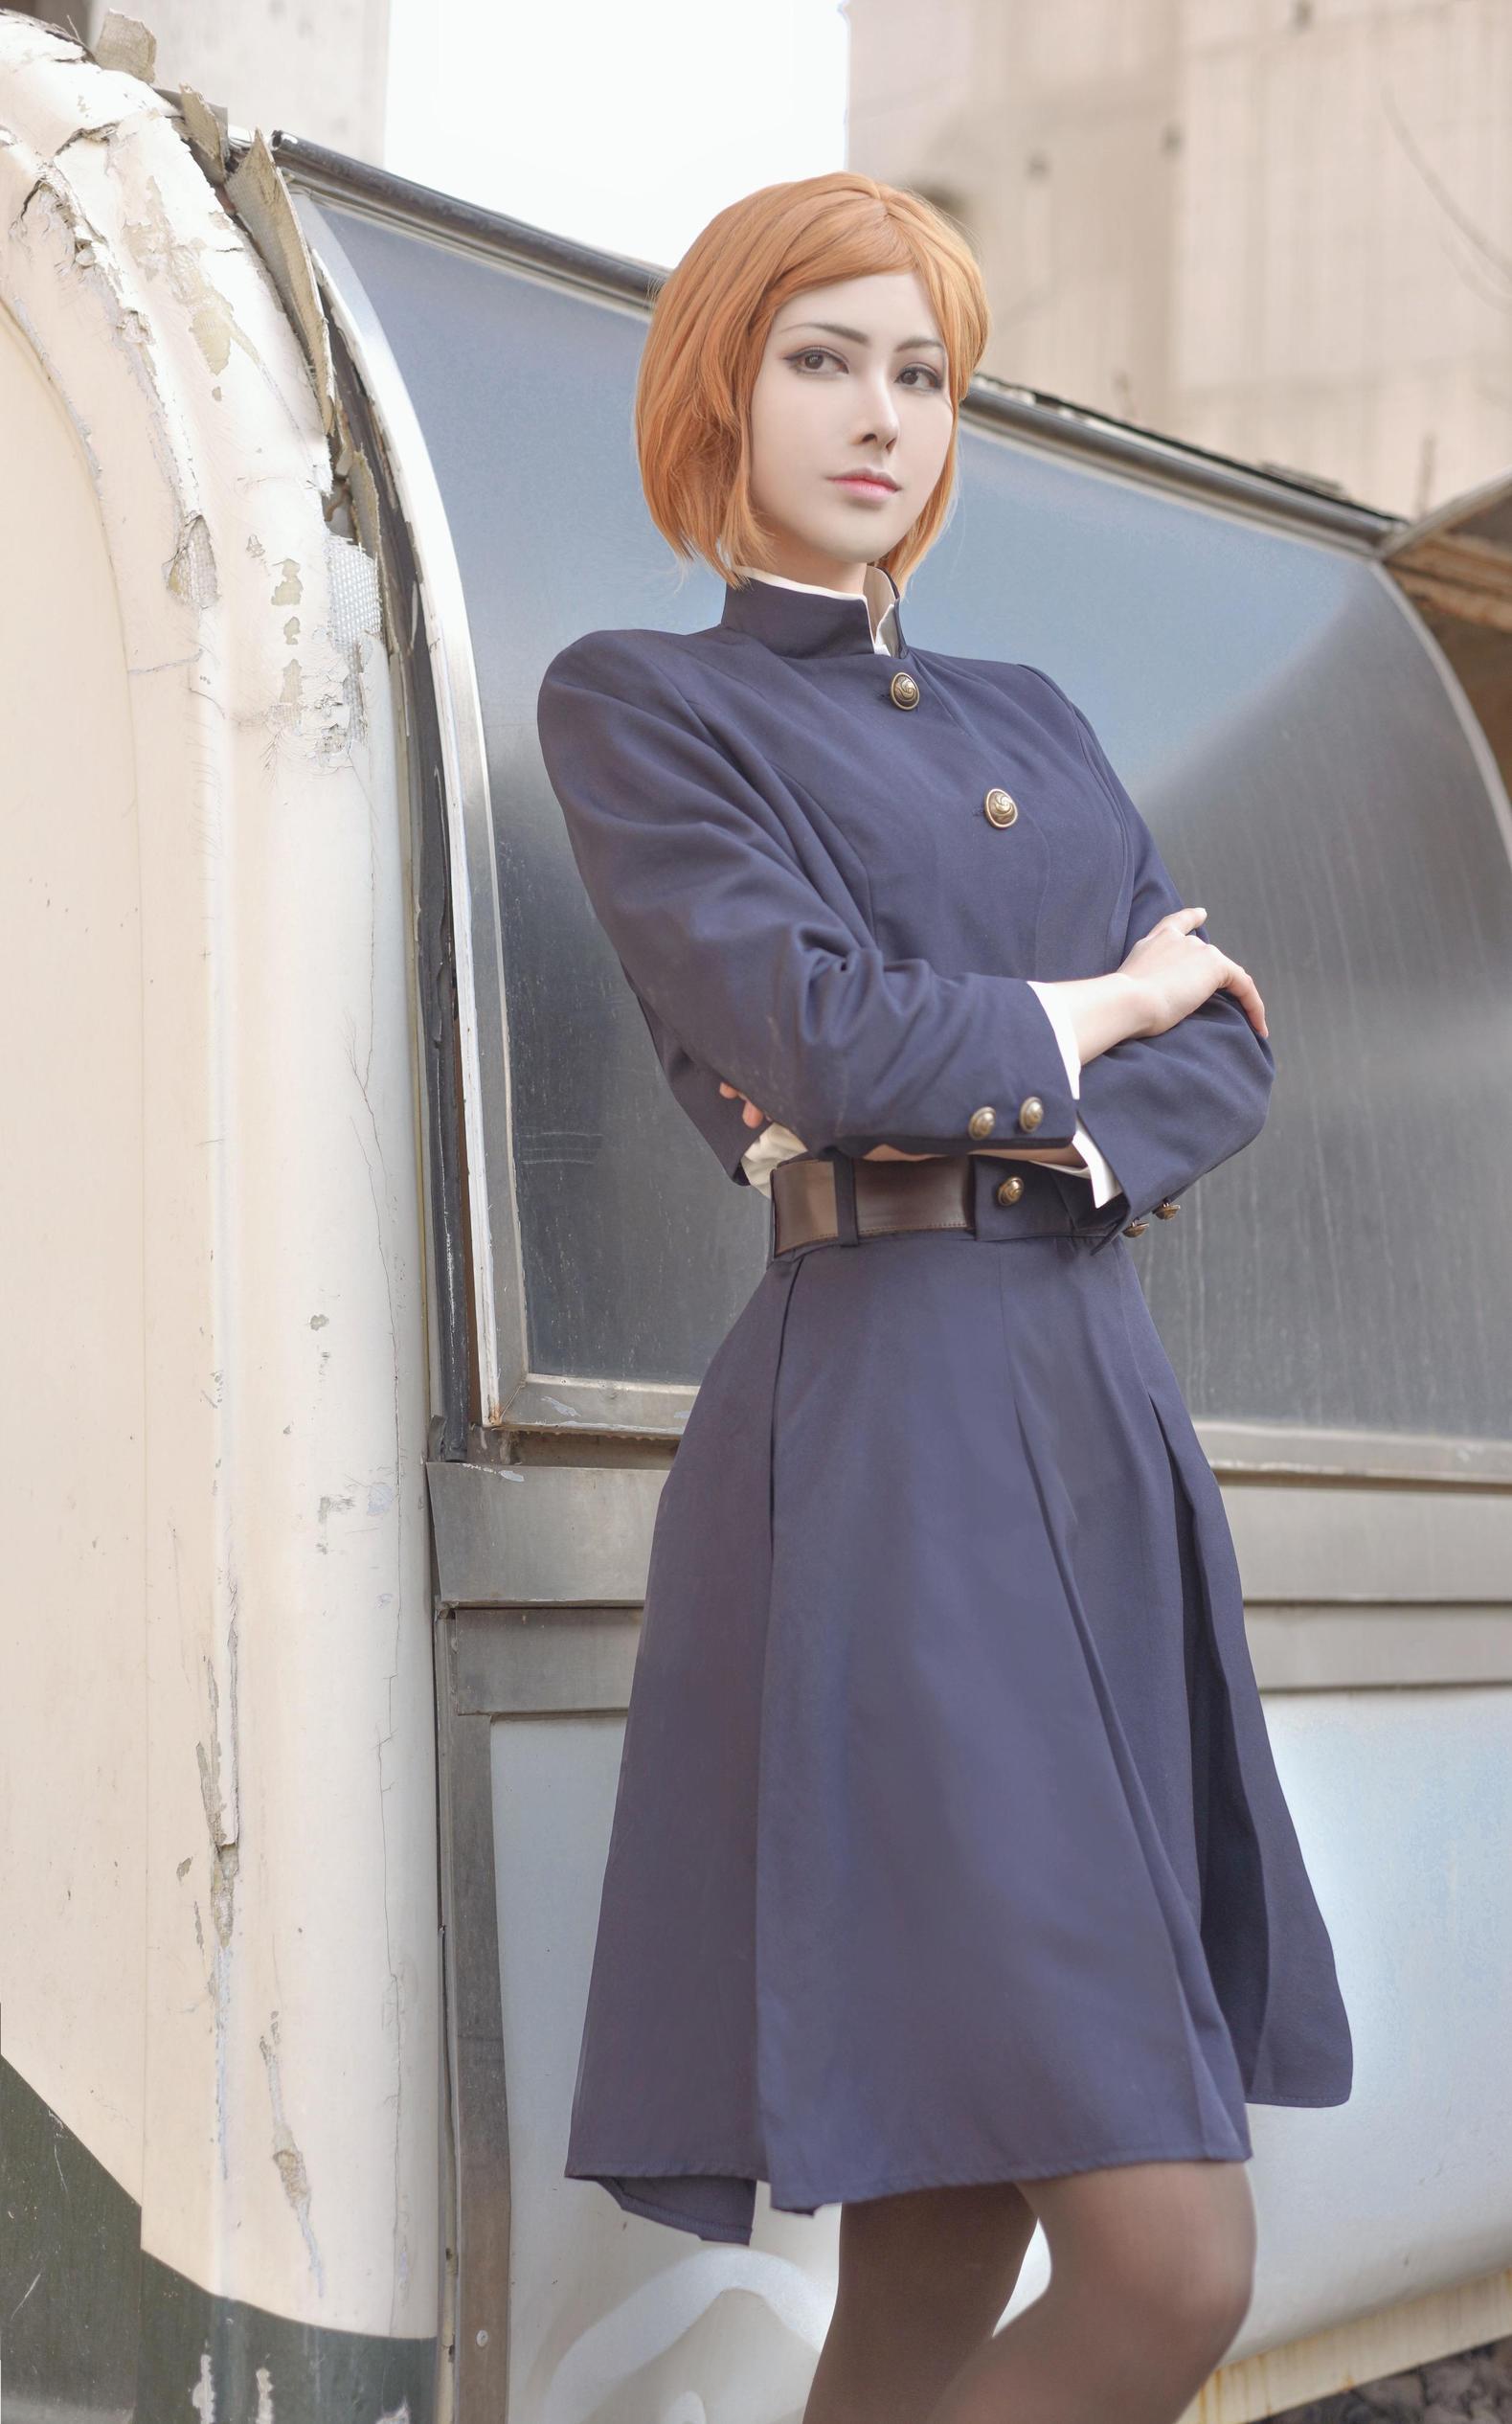 《咒术回战》蔷薇cosplay【CN:Cn_脸扁】 -cosplay冬装价格图片精选插图